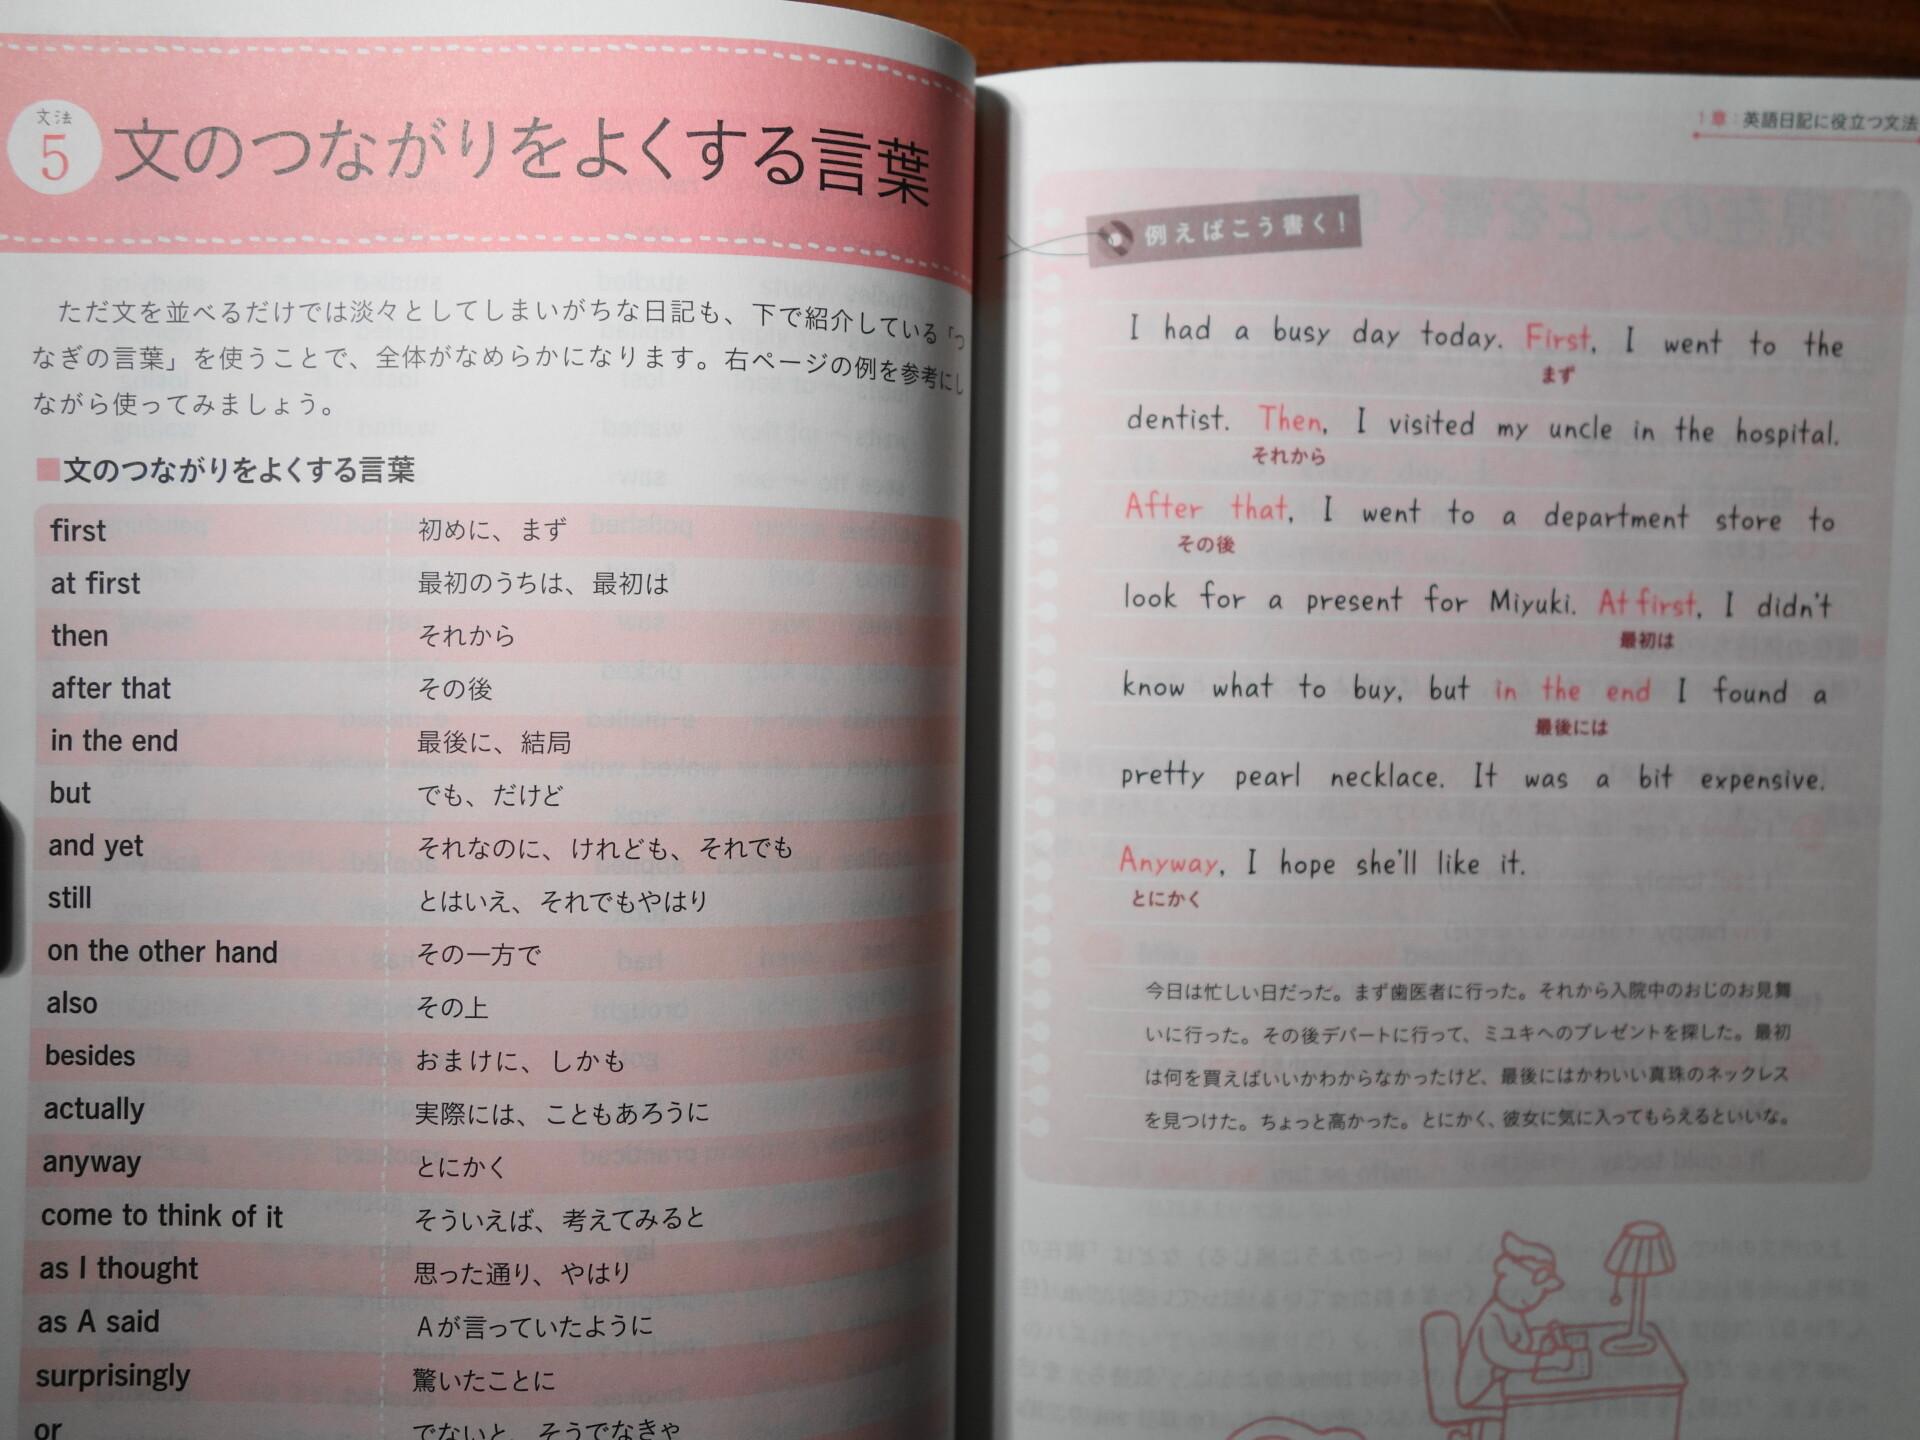 文法項目におけるまとめと例文